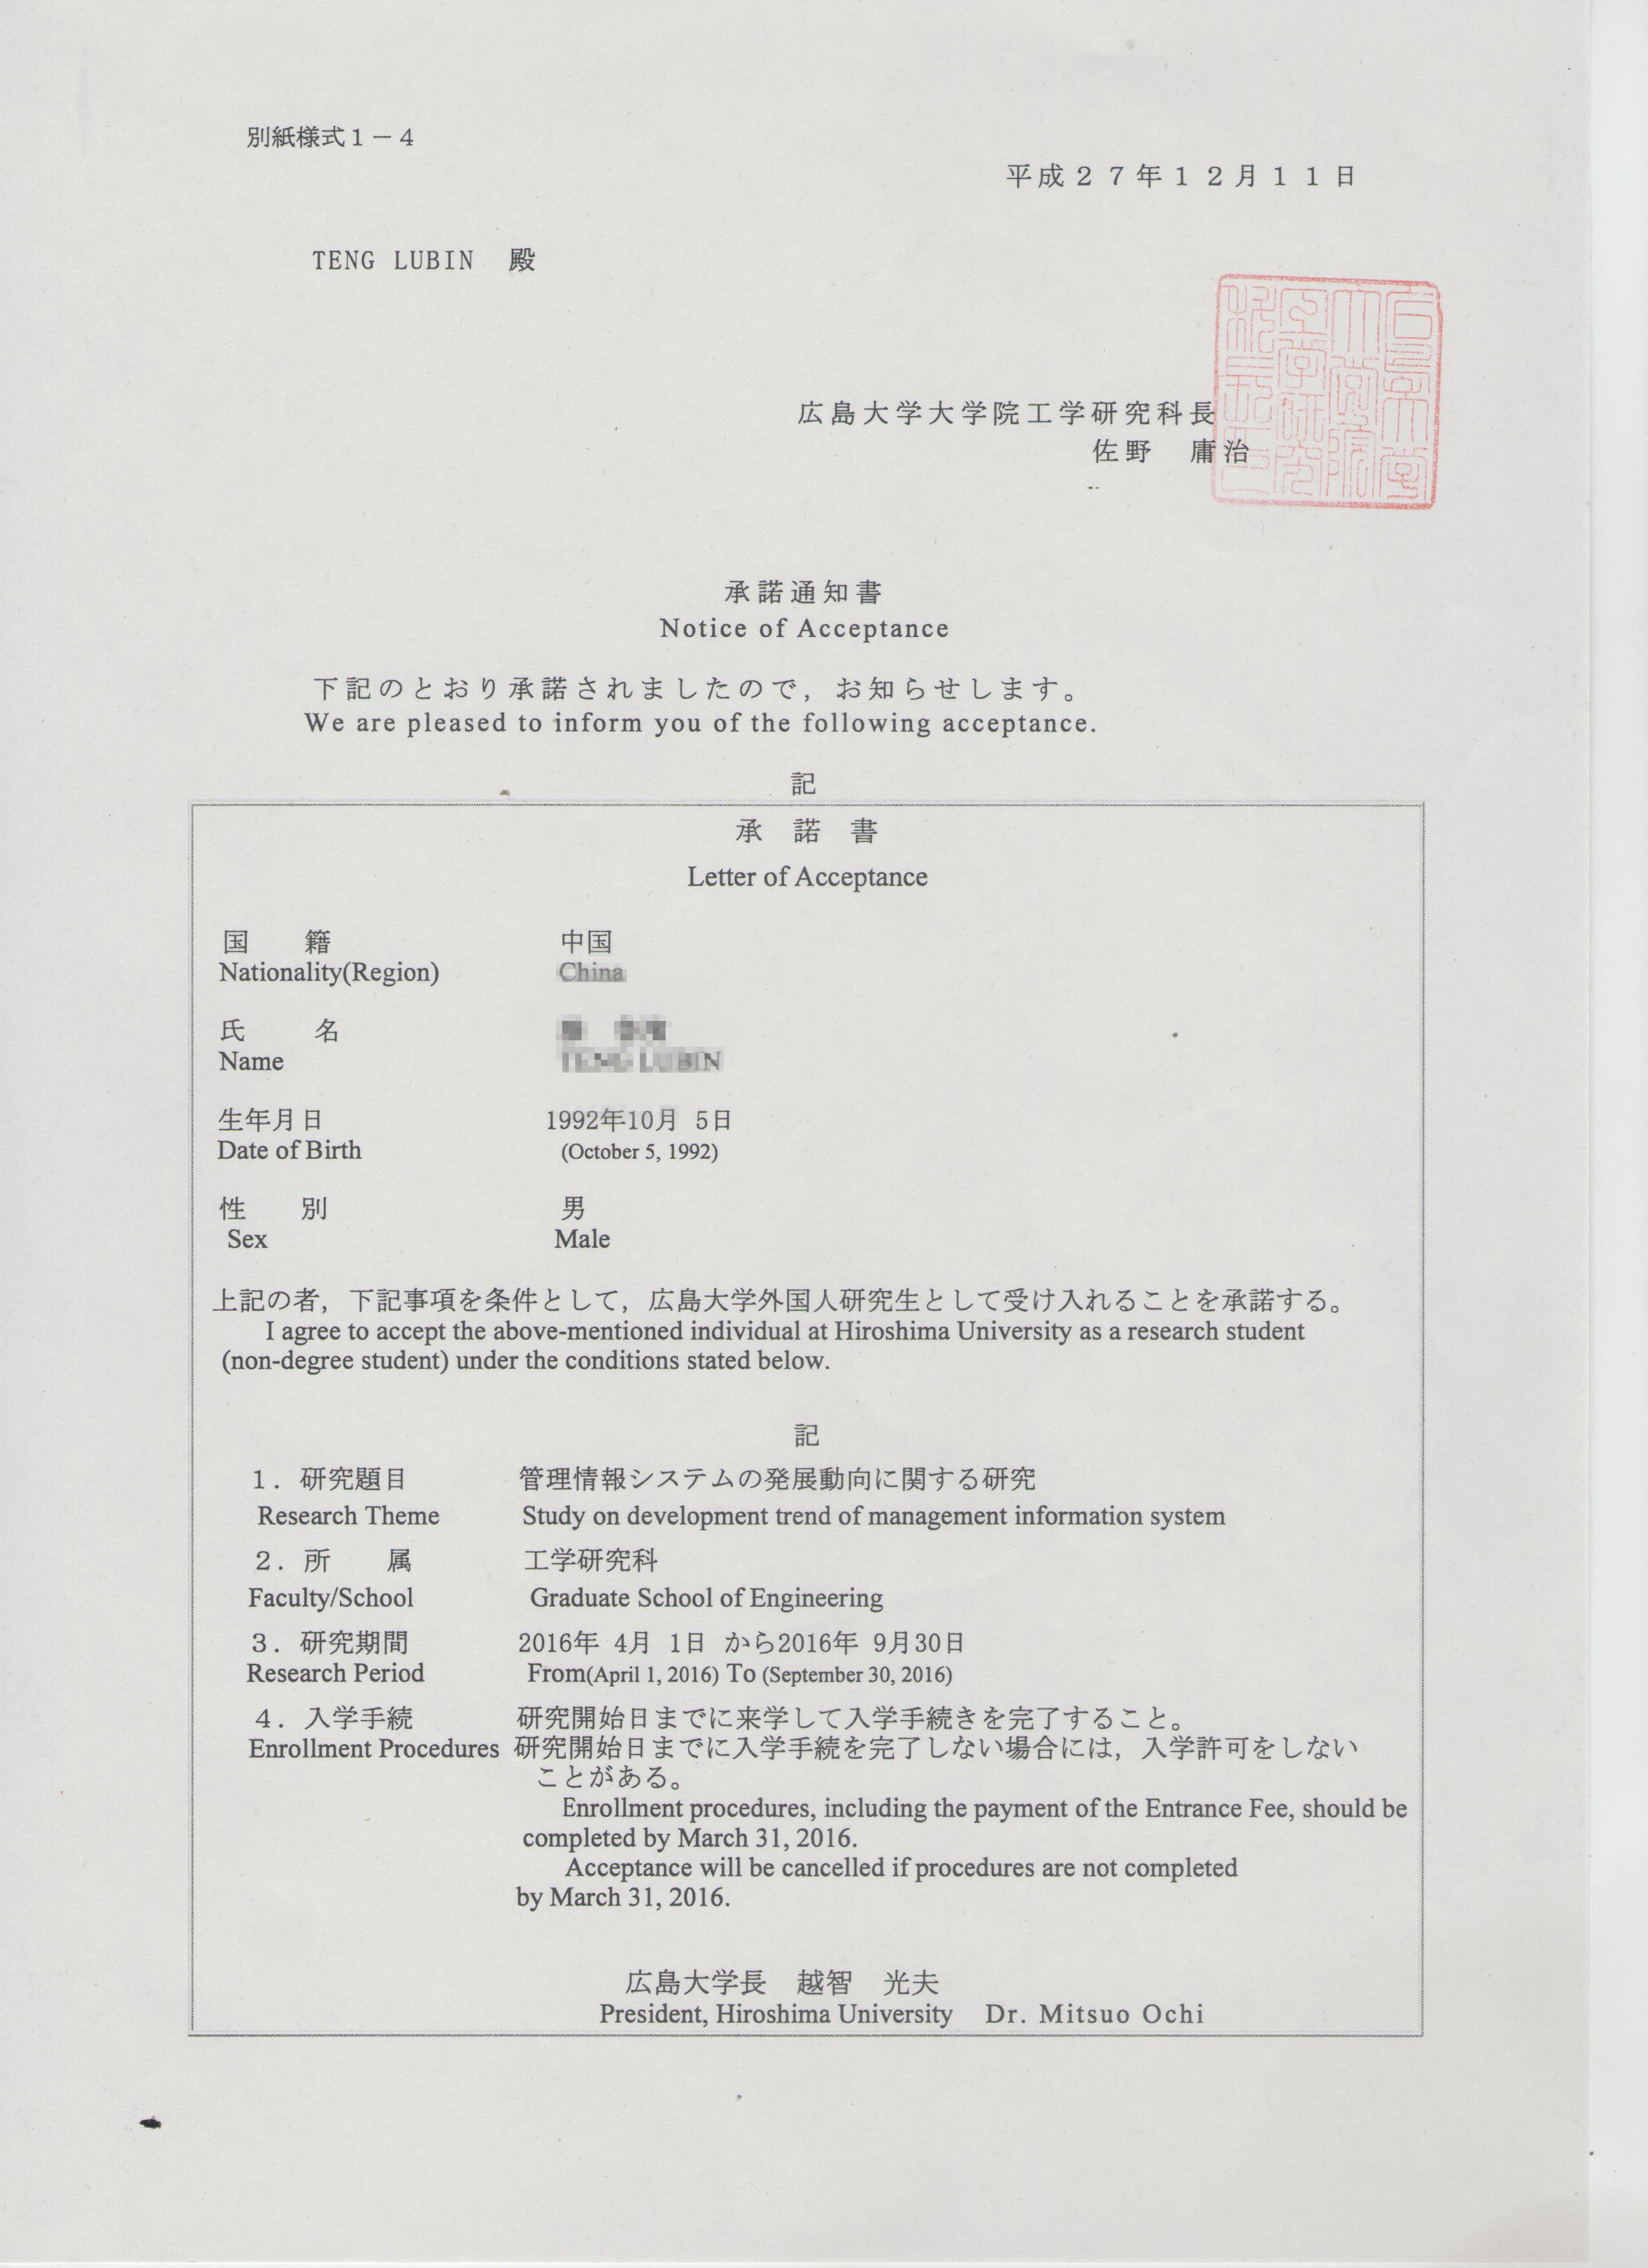 日本广岛大学建筑学专业研究生成功申请